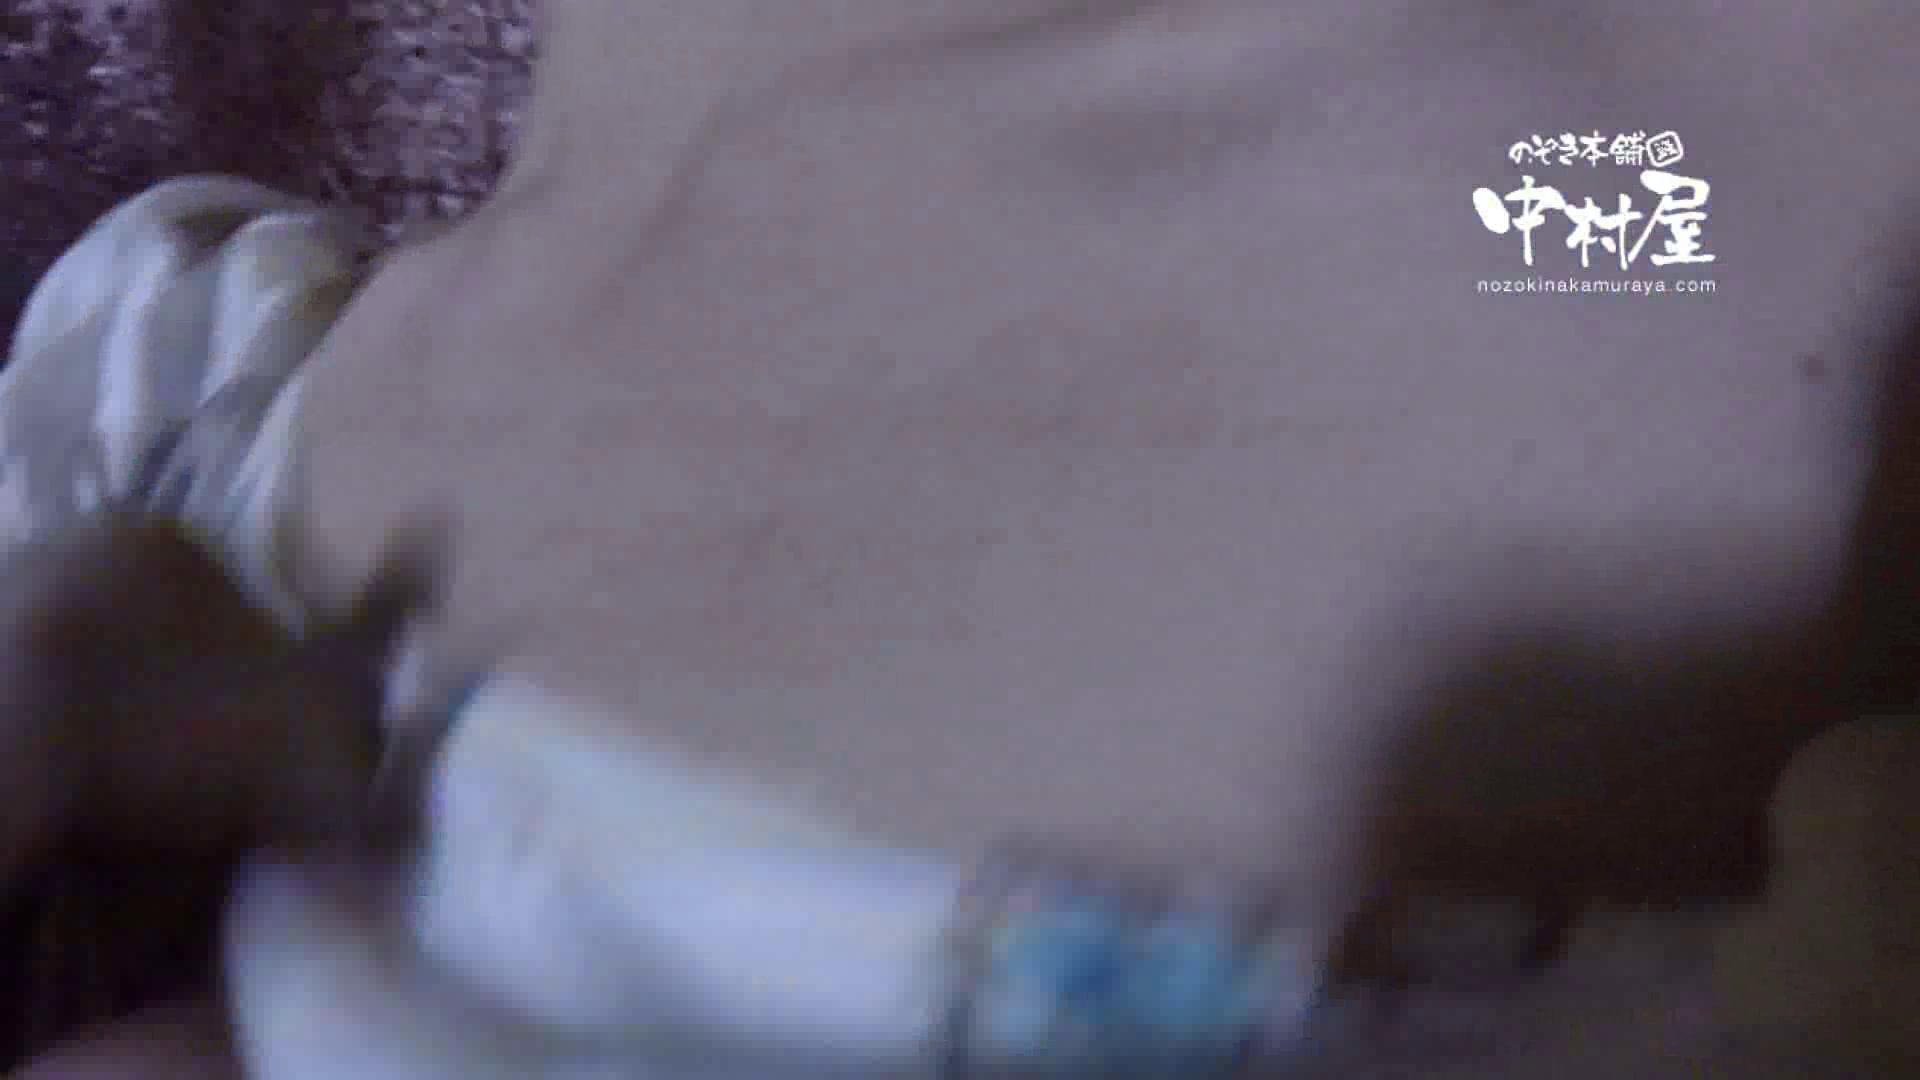 鬼畜 vol.10 あぁ無情…中出しパイパン! 前編 鬼畜 濡れ場動画紹介 101連発 15